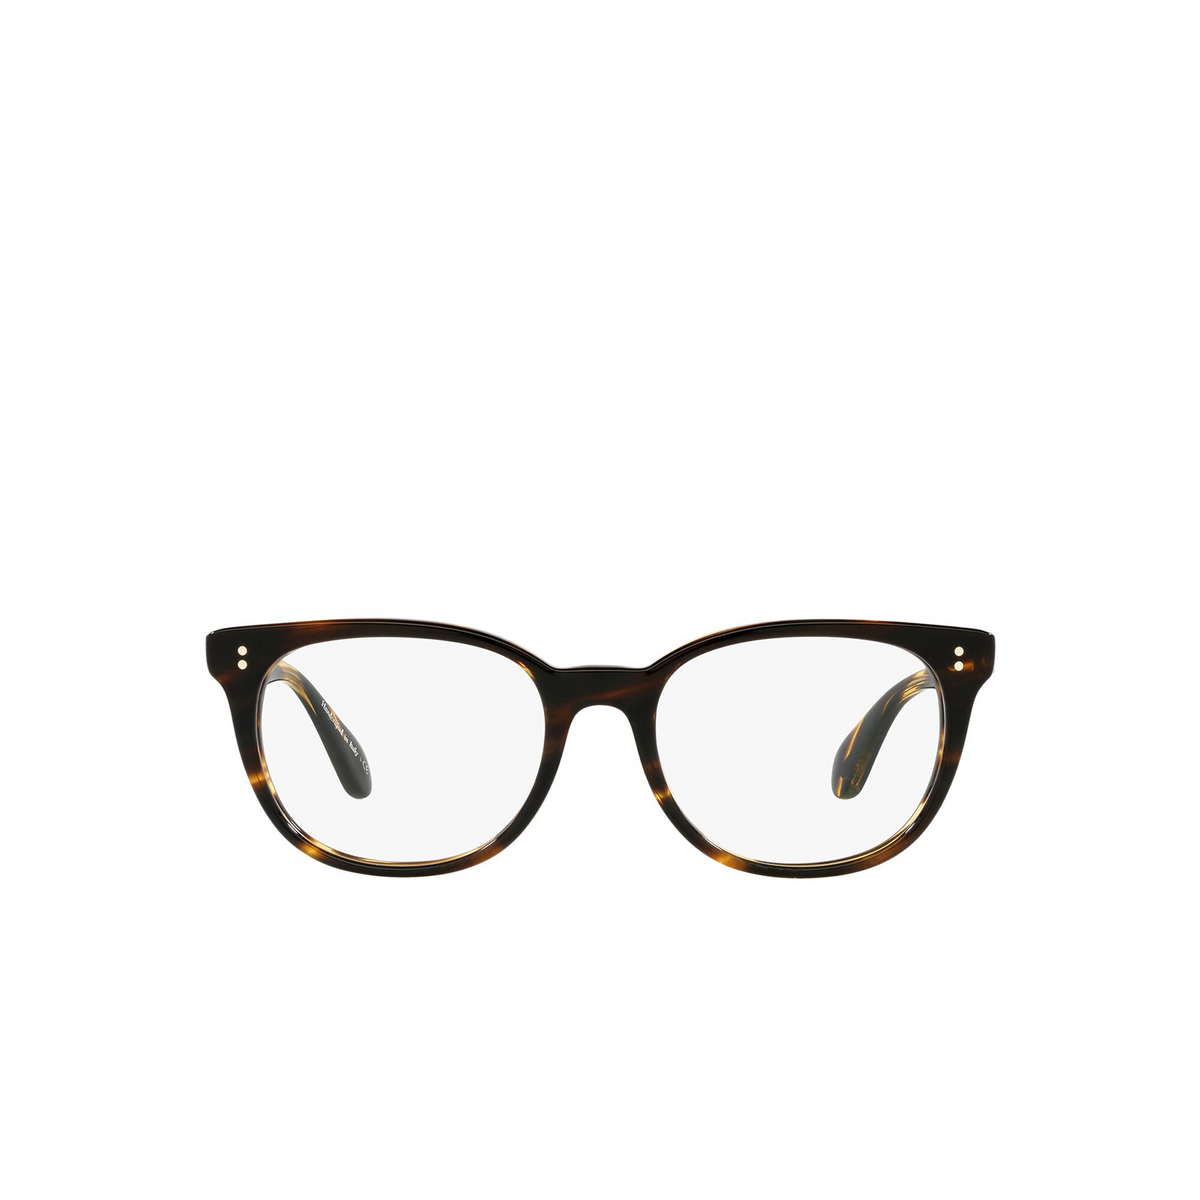 Oliver Peoples® Cat-eye Eyeglasses: Hildie OV5457U color Cocobolo 1003 - front view.